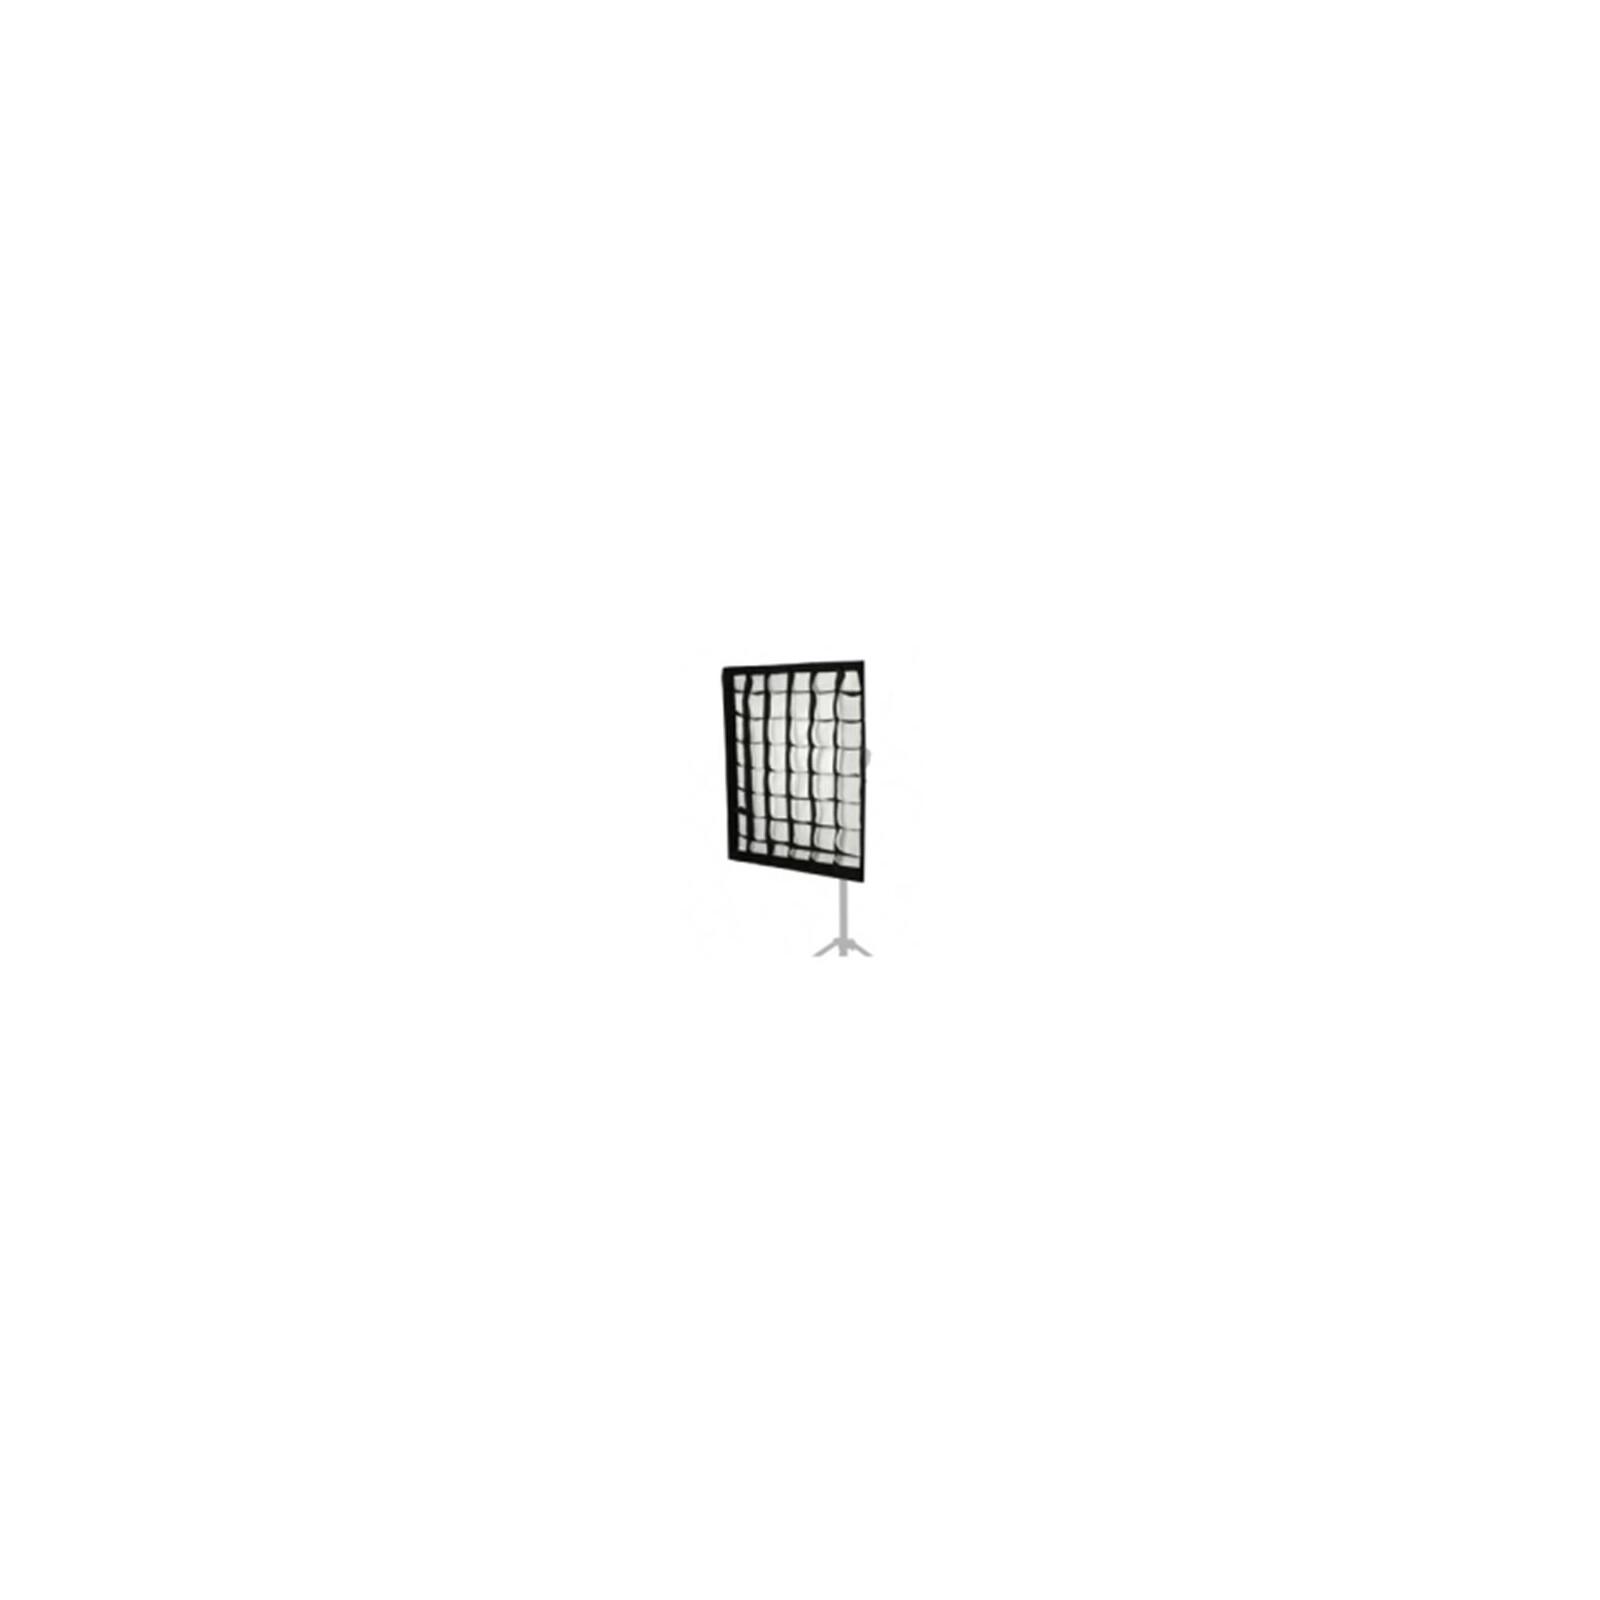 walimex pro Softbox PLUS 60x80cm Visatec